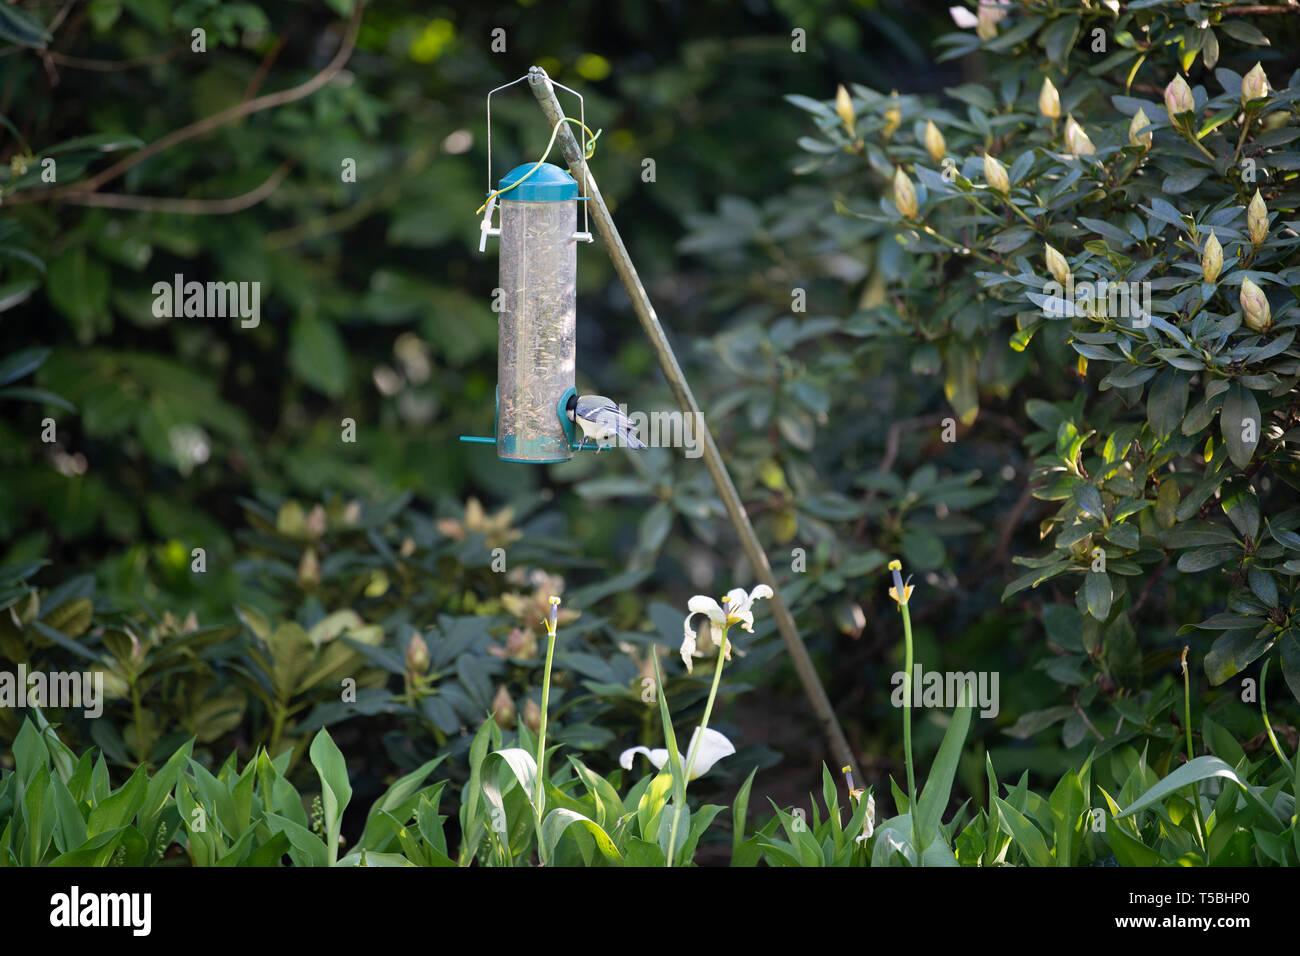 Ein Vogel pickt sich Körner aus einem Futterbehälter Stock Photo